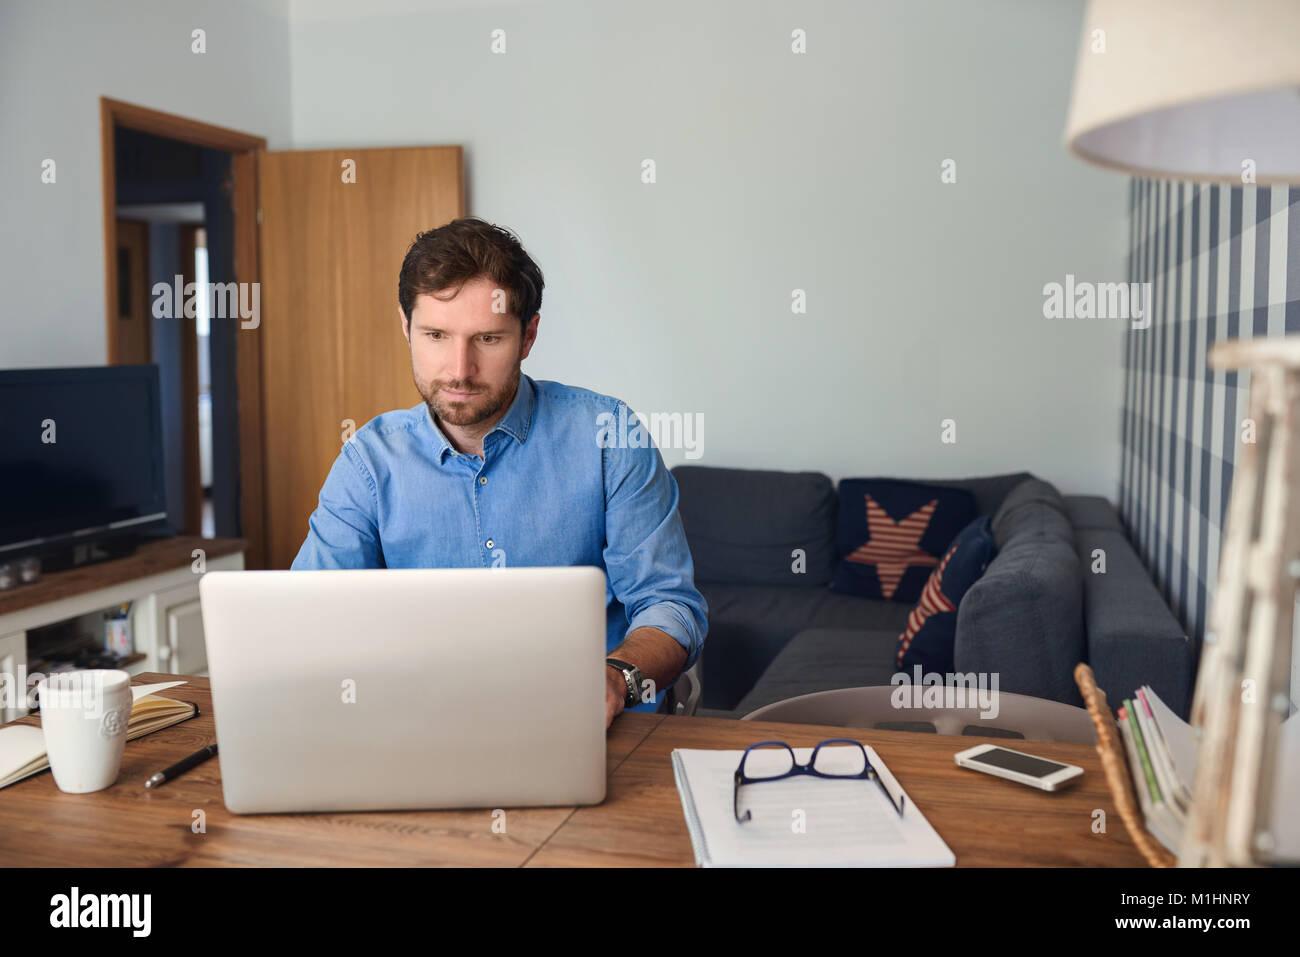 Jeune homme travaillant à la maison sur un ordinateur portable Photo Stock